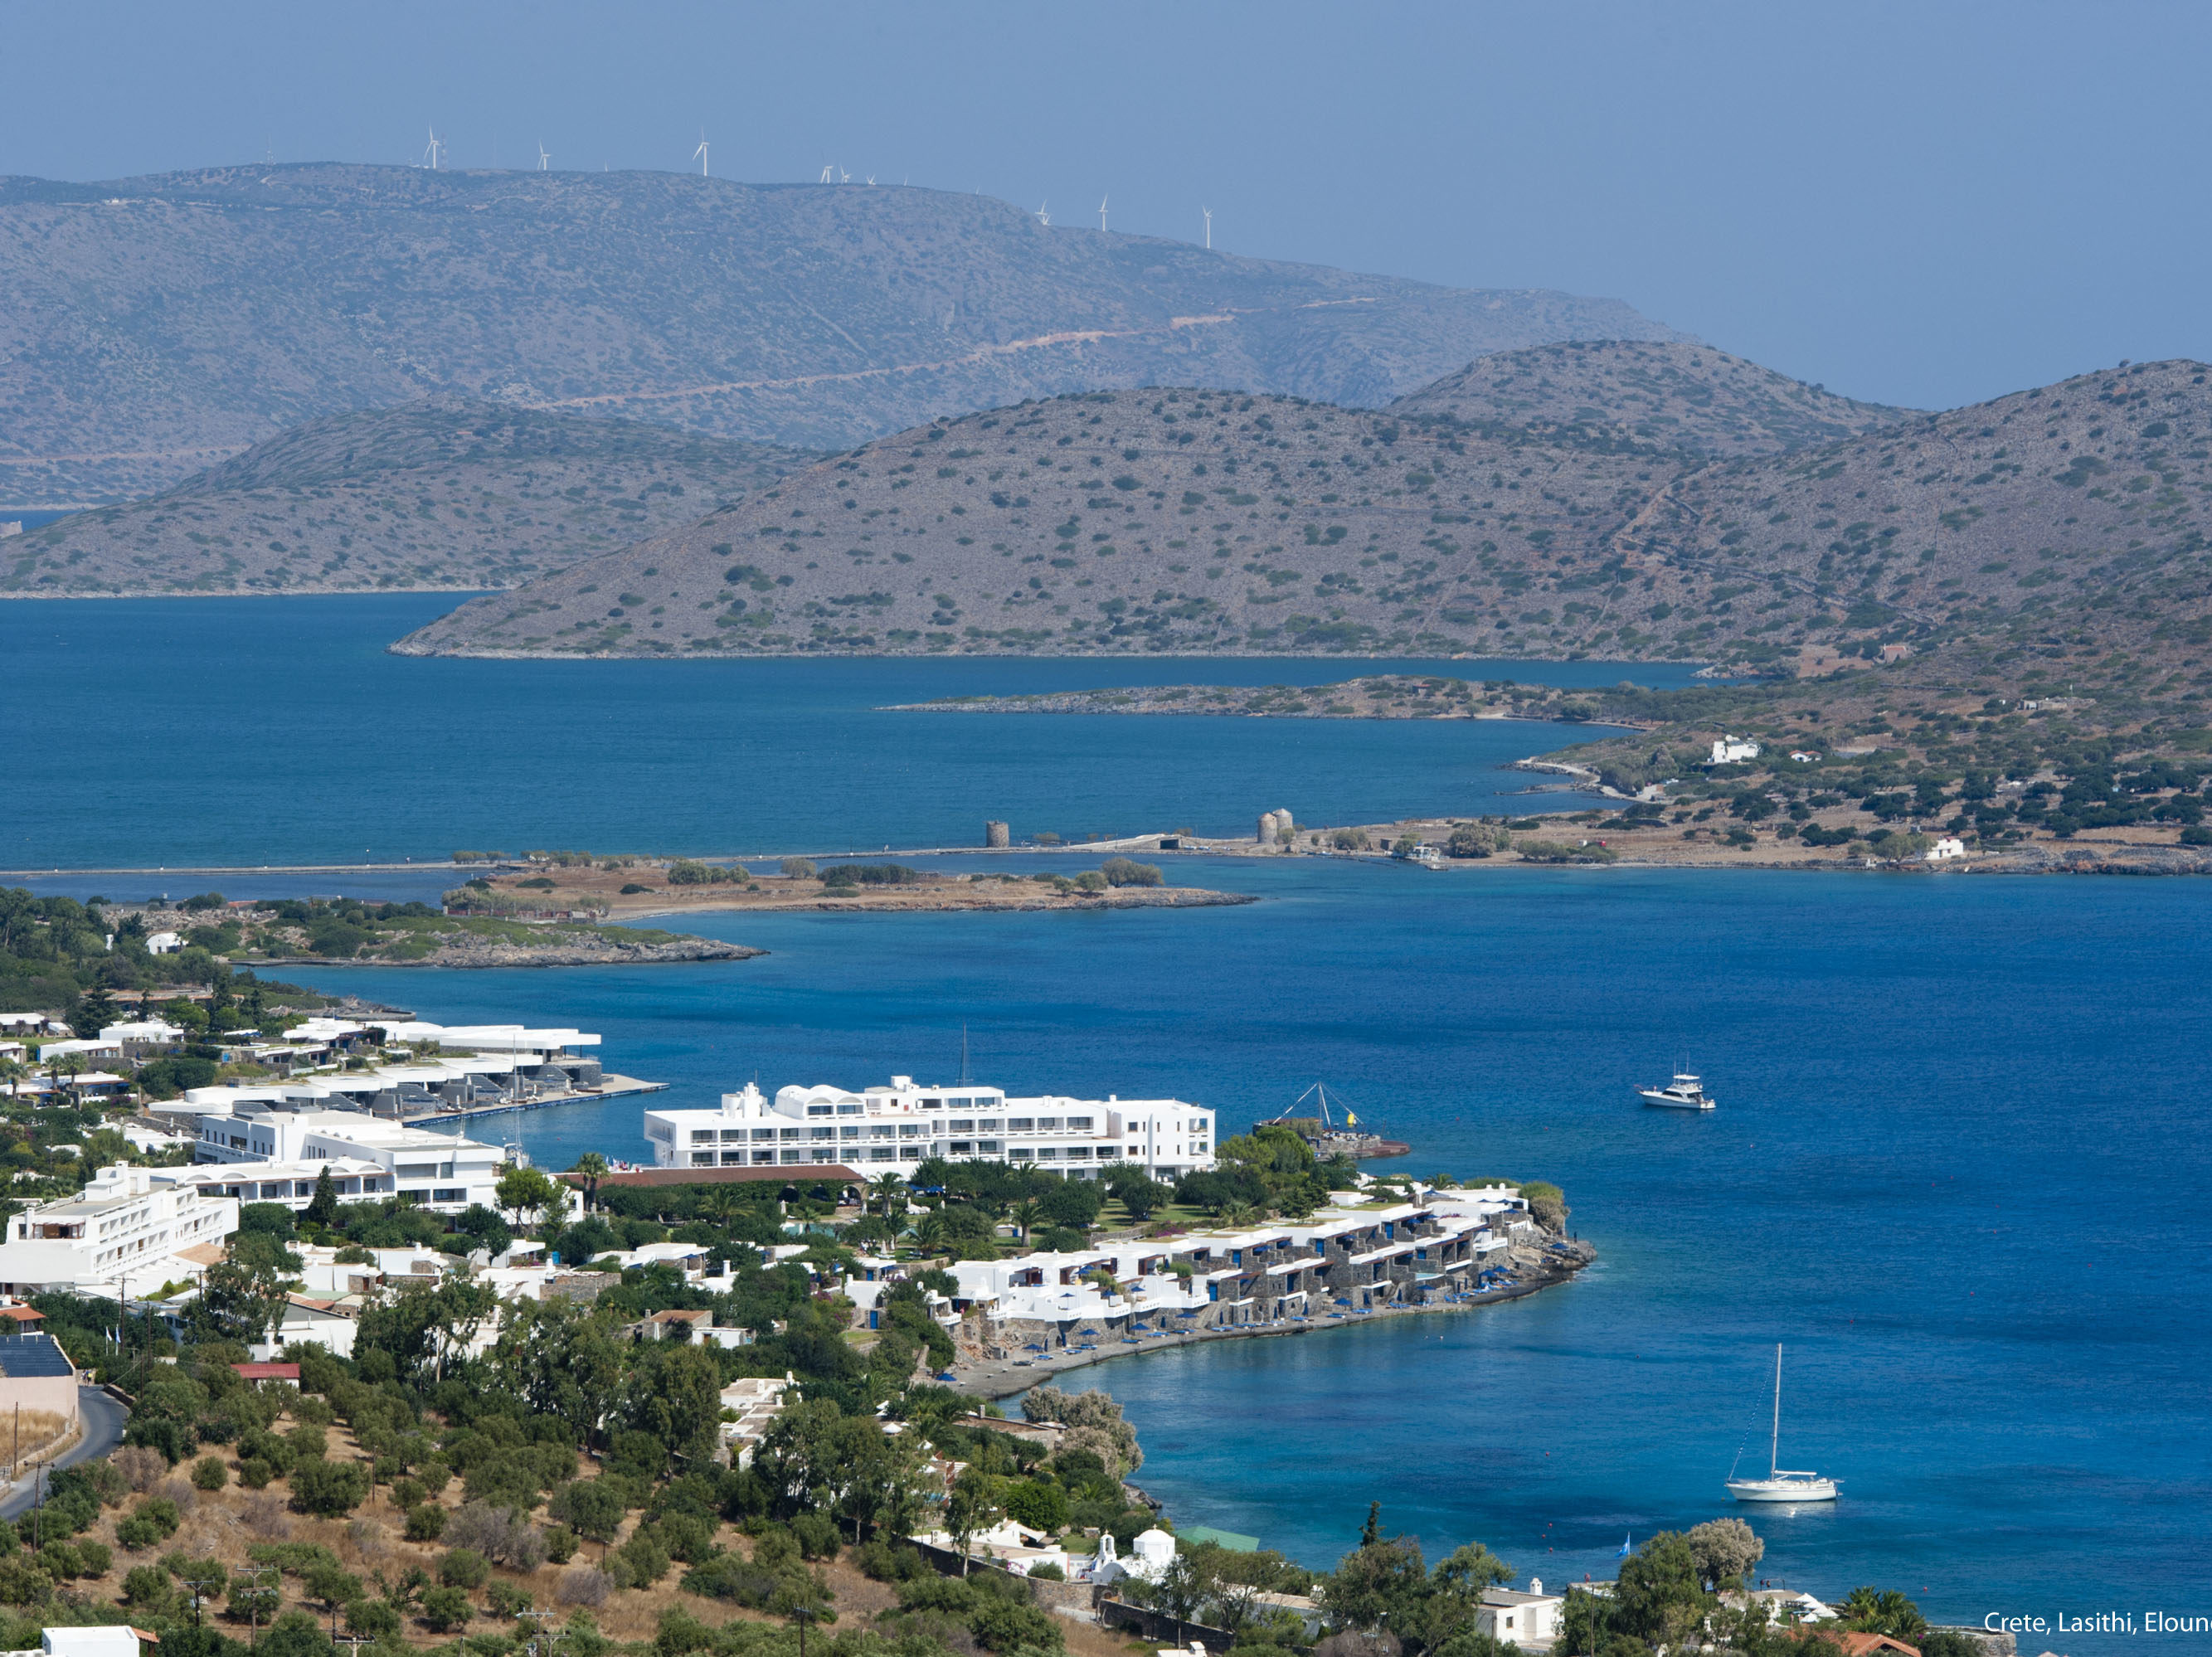 Crete_Lasithi_Elounda_3239_photo Y Skoulas